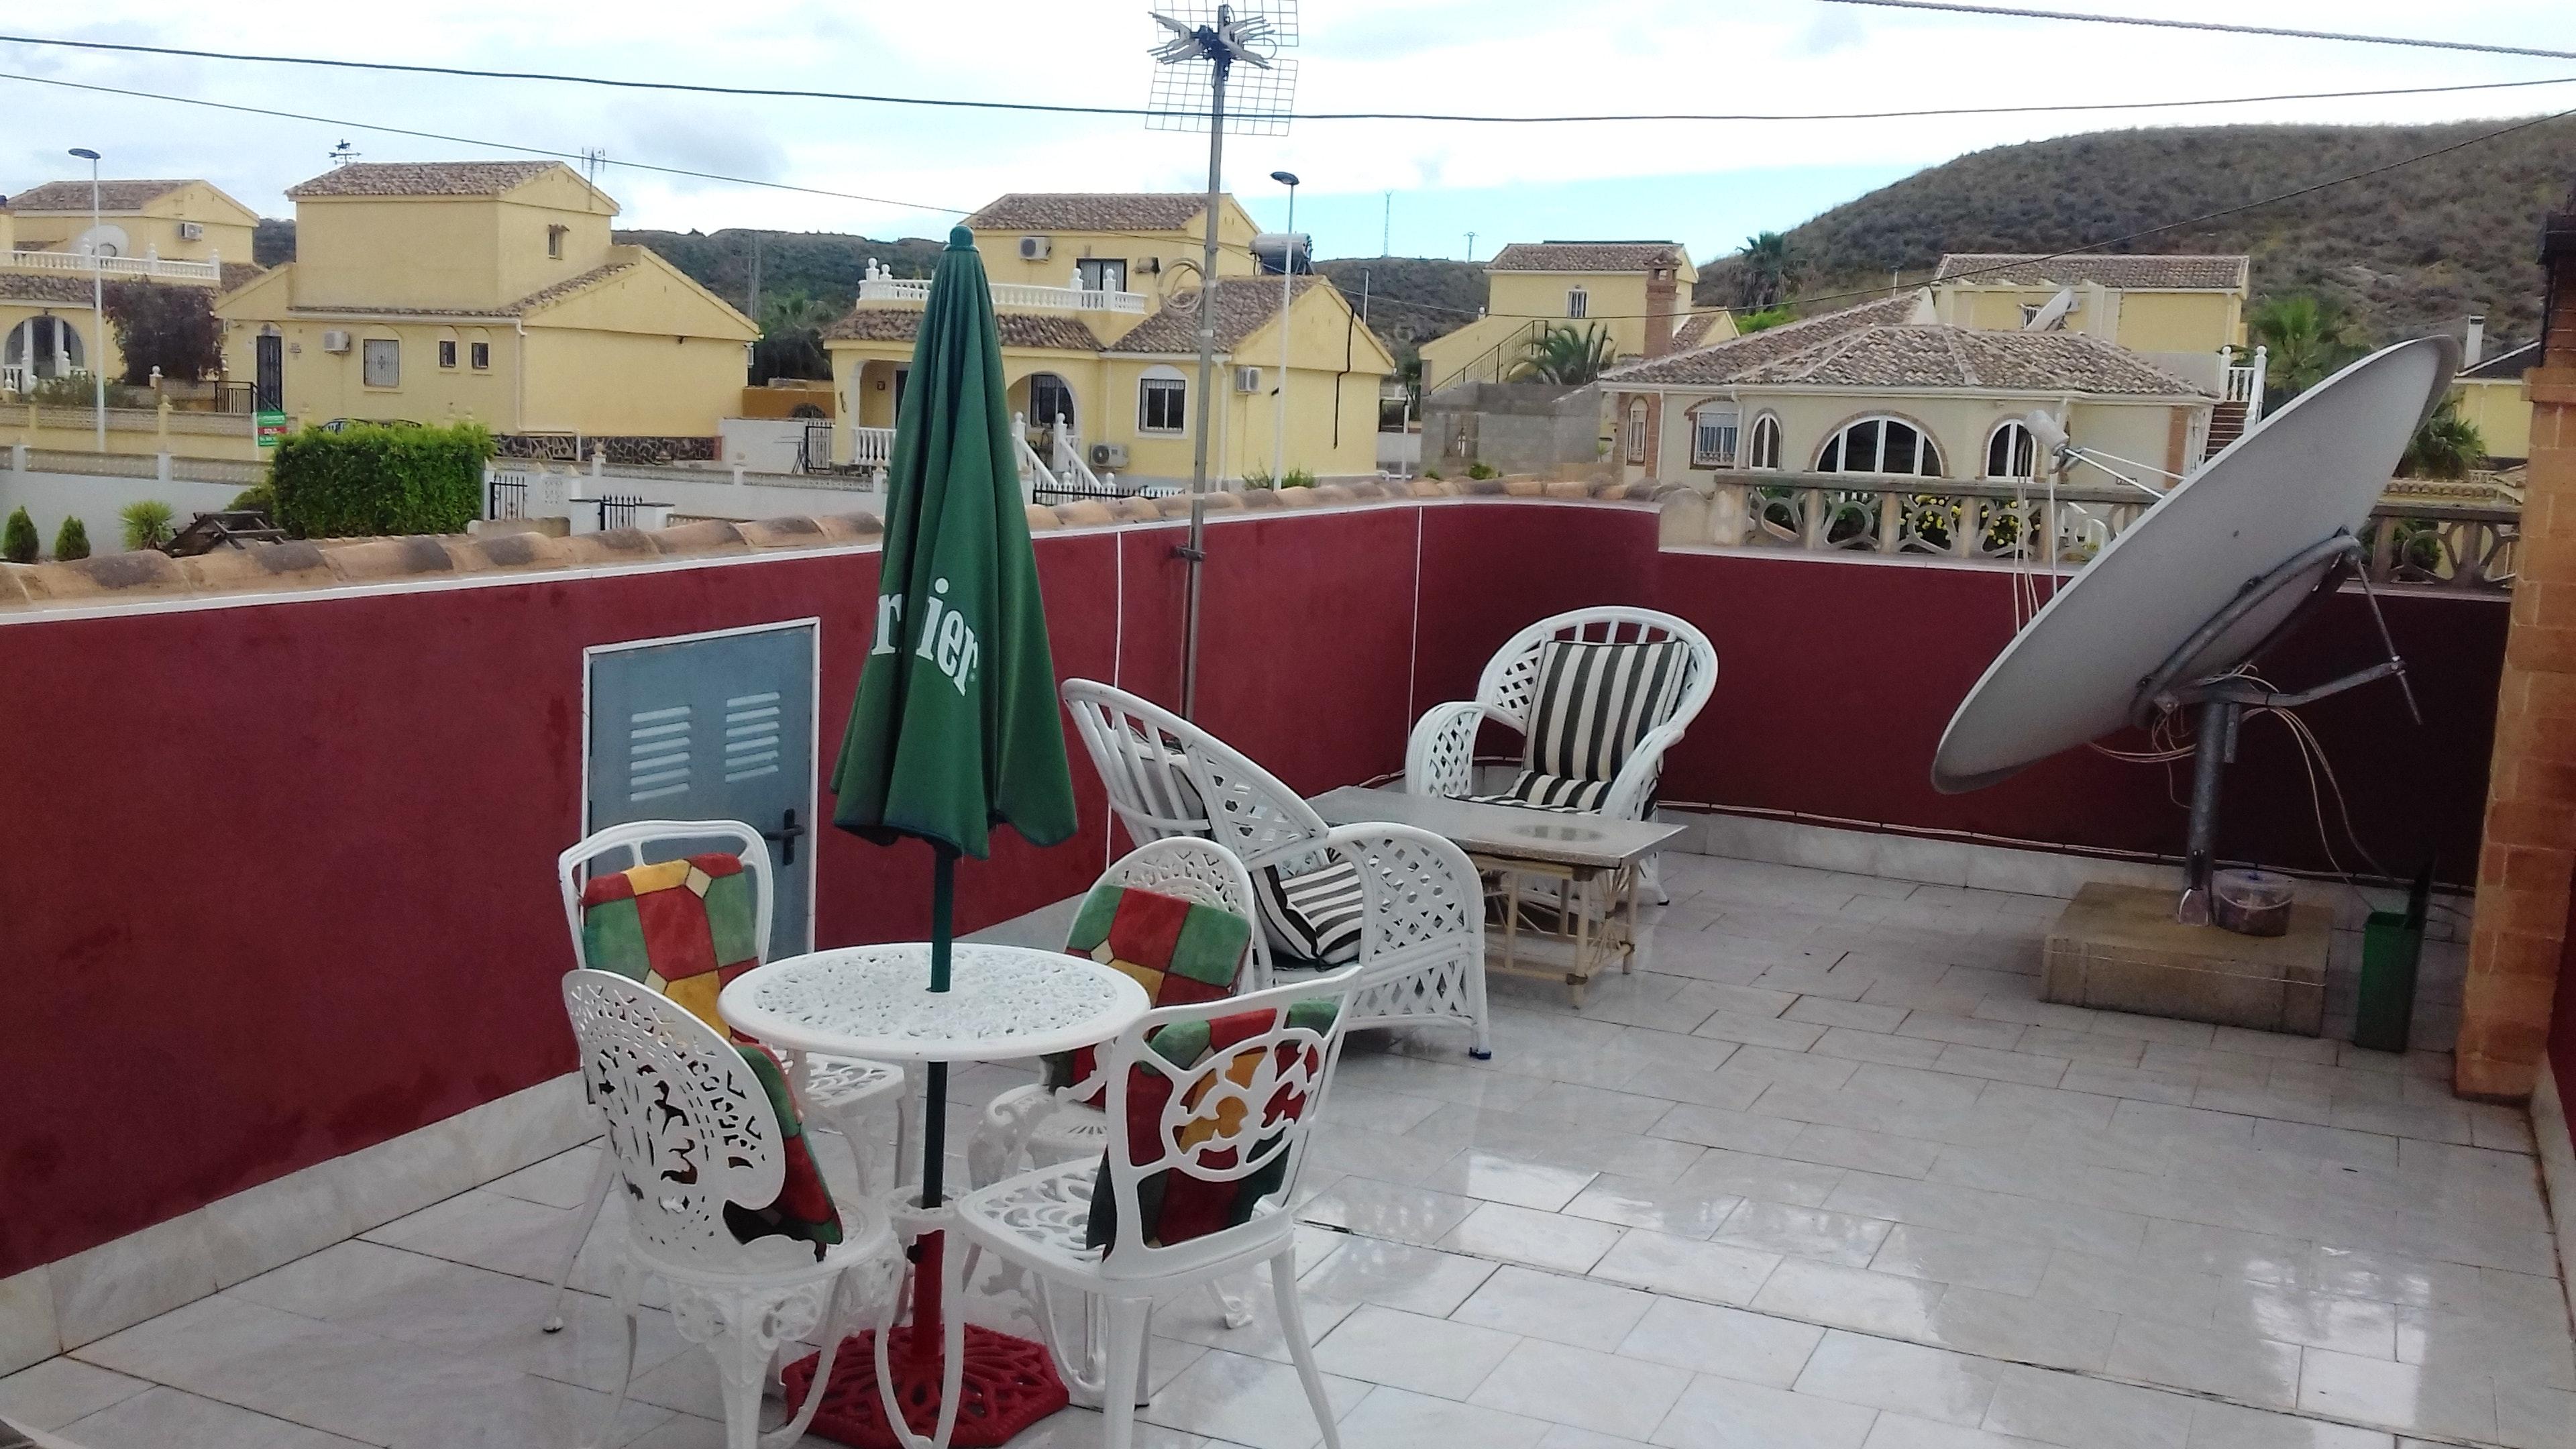 Appartement de vacances Wohnung mit 2 Schlafzimmern in Mazarrón mit toller Aussicht auf die Berge, privatem Pool,  (2632538), Mazarron, Costa Calida, Murcie, Espagne, image 43